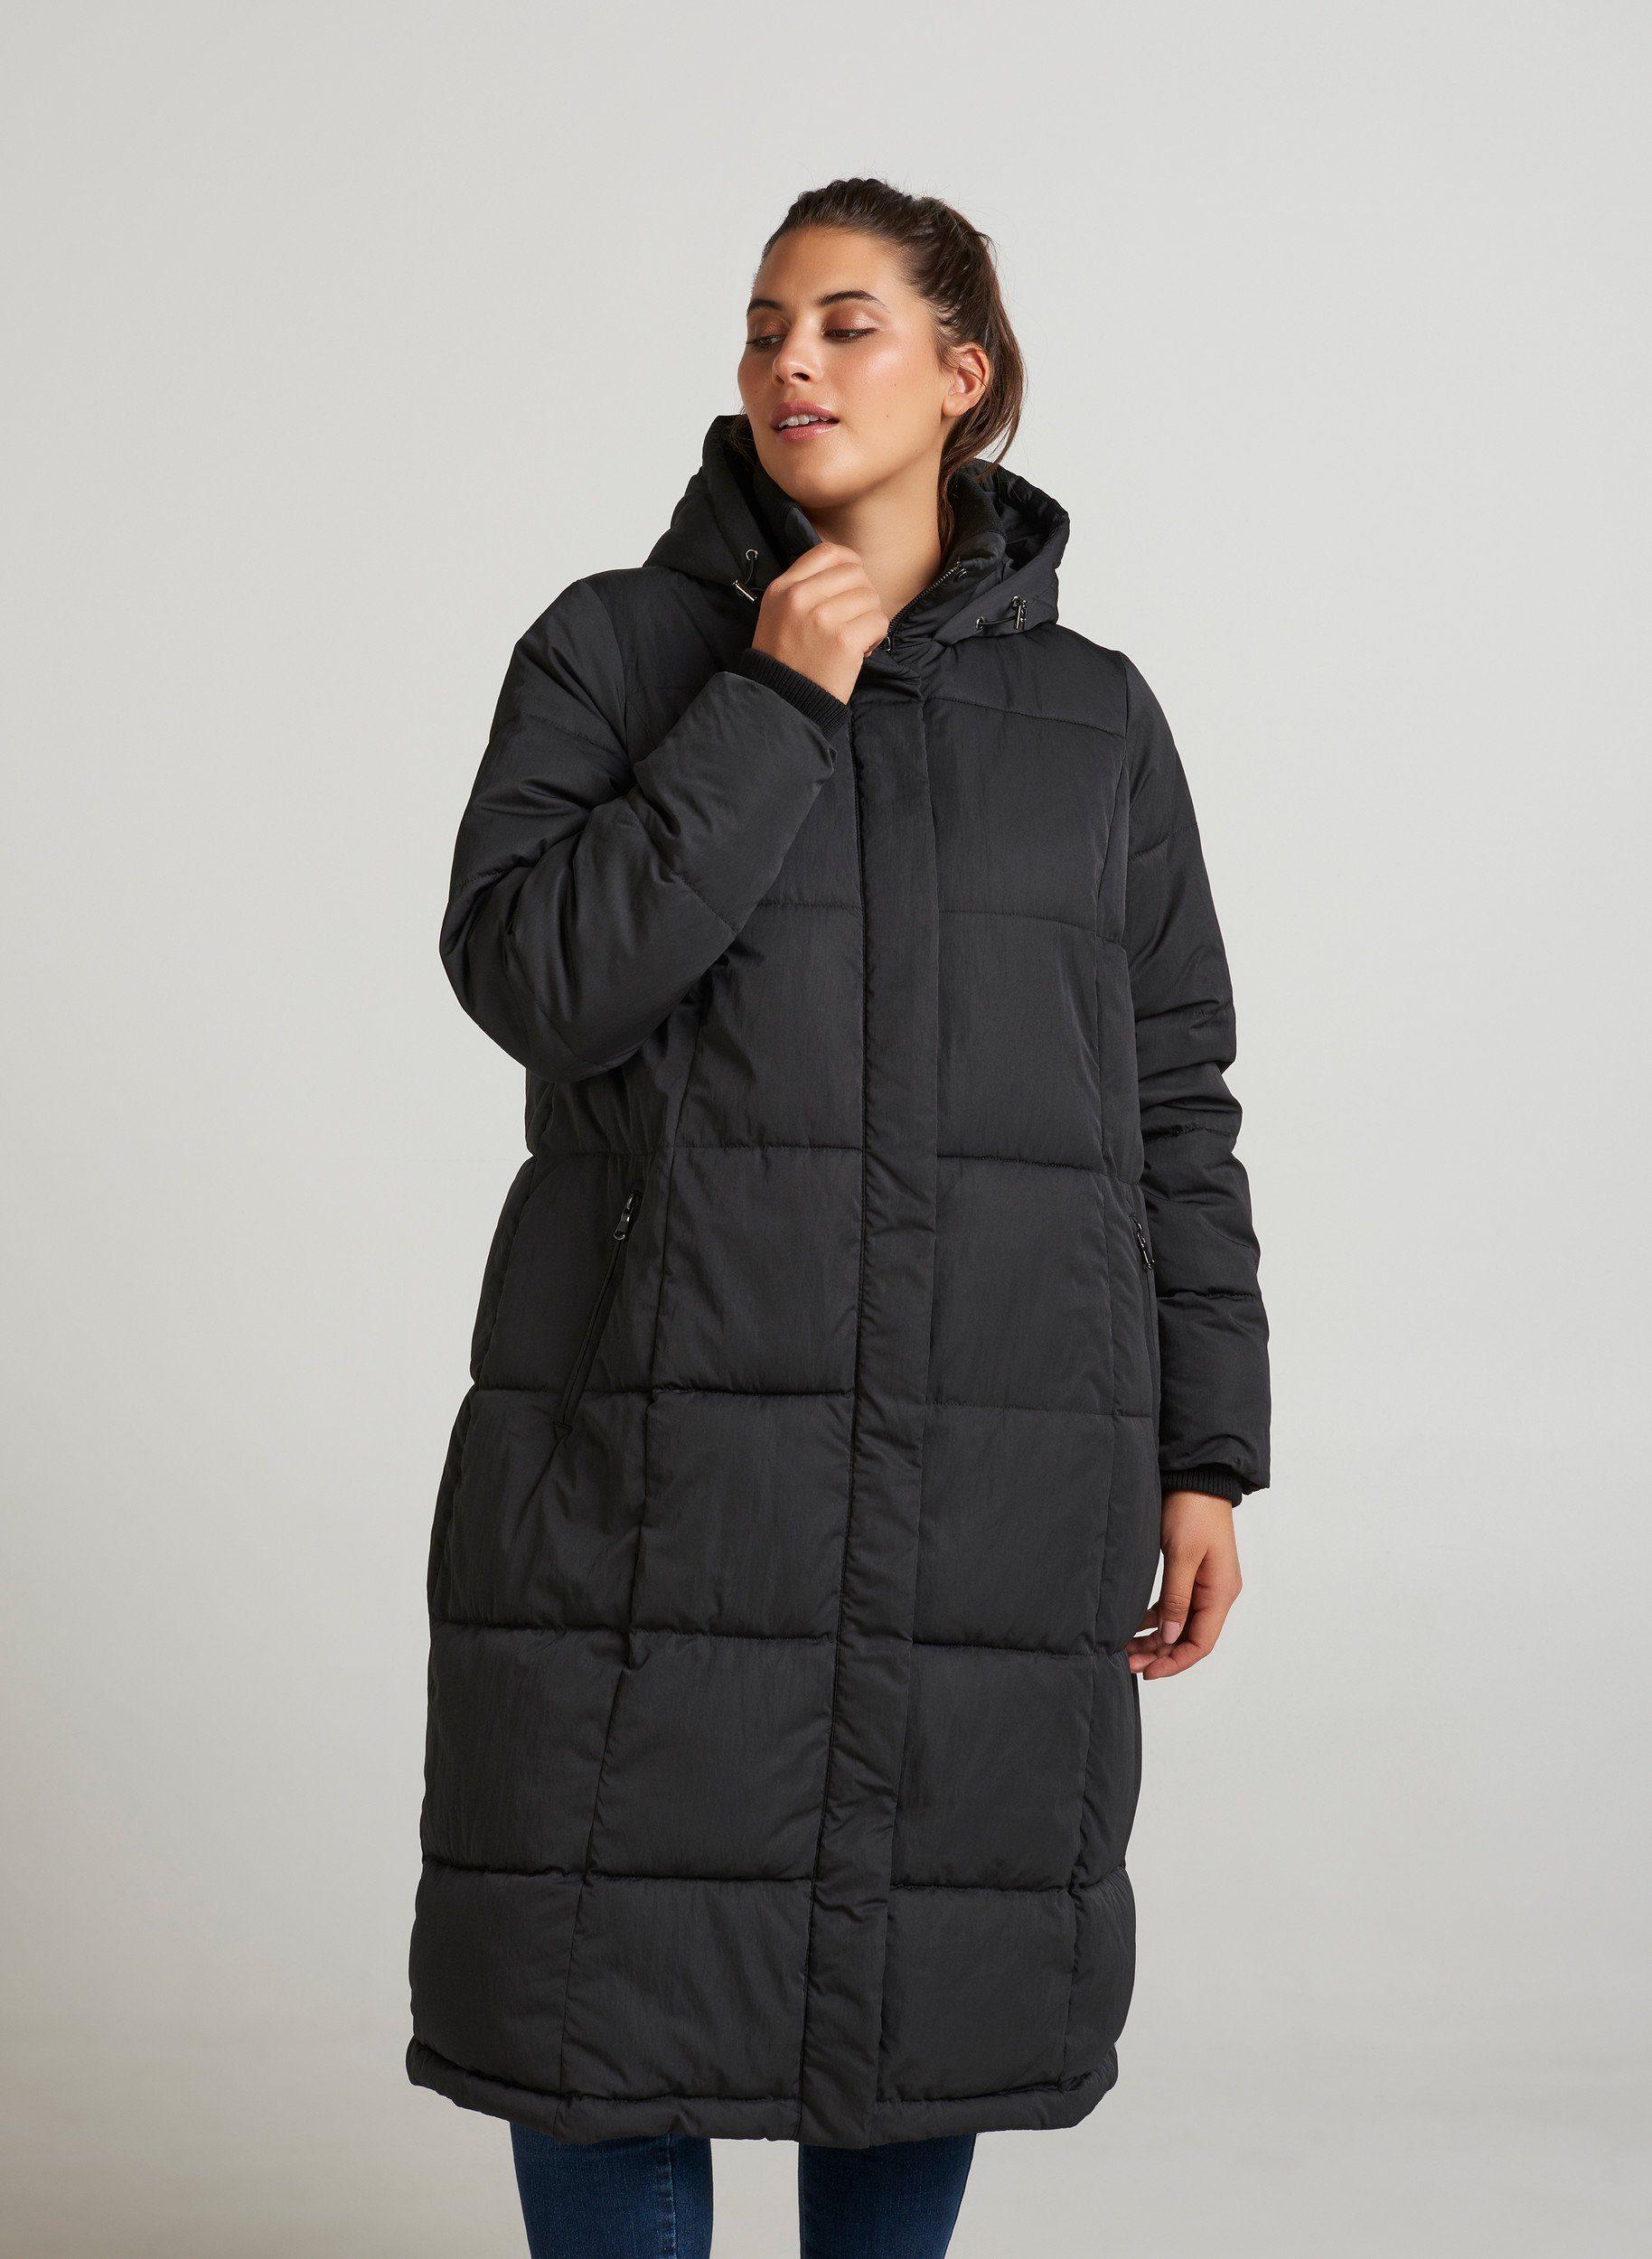 Zizzi Winterjacke Damen Große Größen Wintermantel Kapuze Parka Kapuze Jacke online kaufen | OTTO